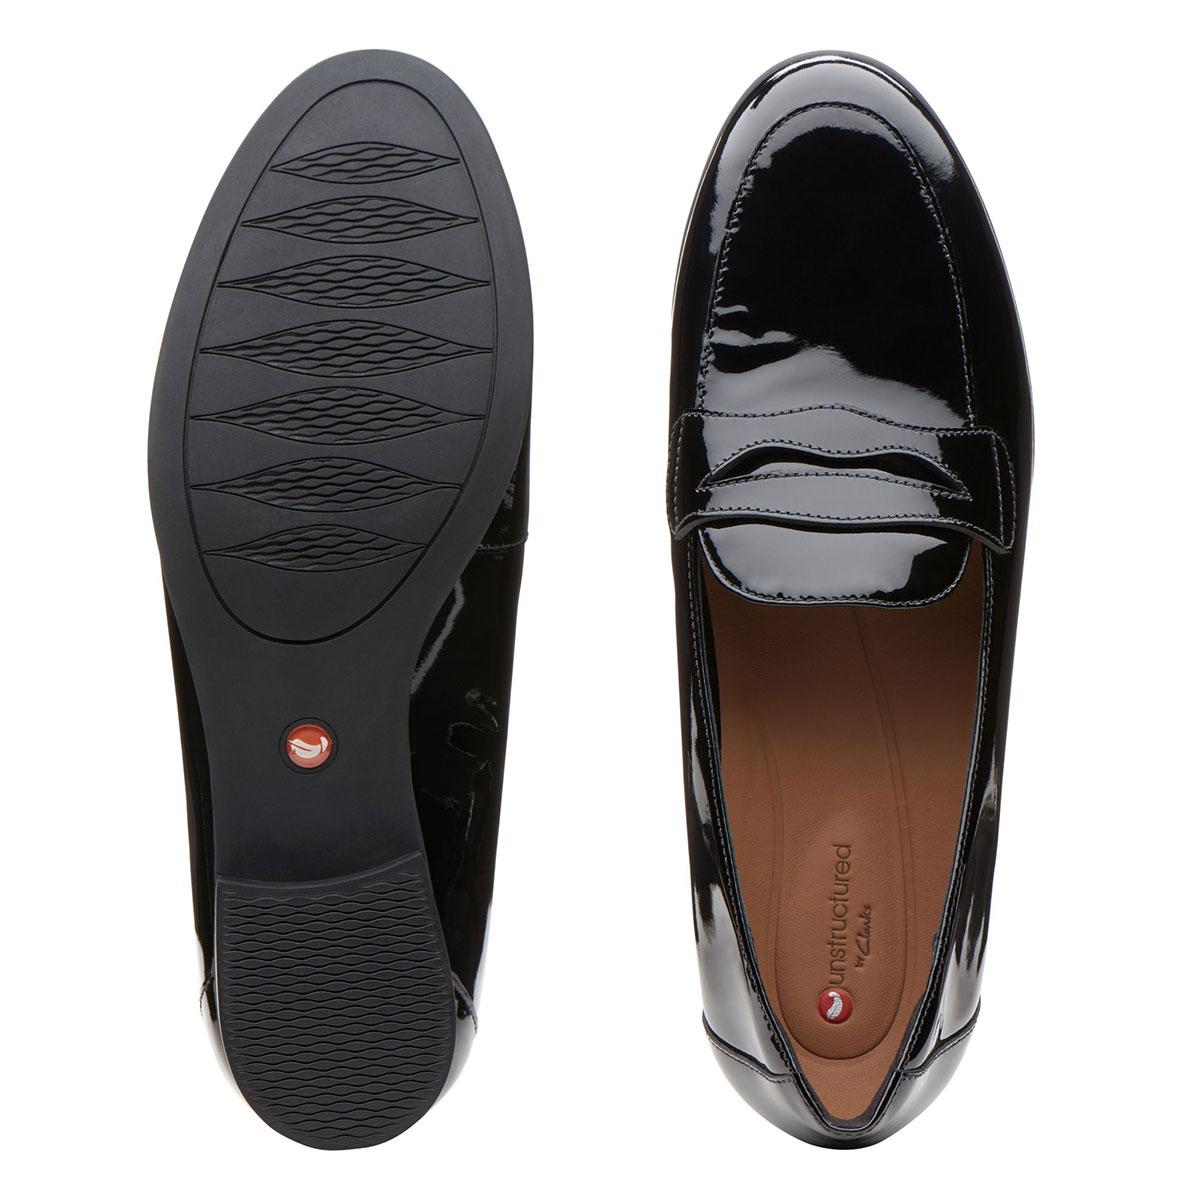 дамски обувки с нисък ток естествена кожа черен лак Clarks Un Blush Go поглед отгоре и отдолу подметка